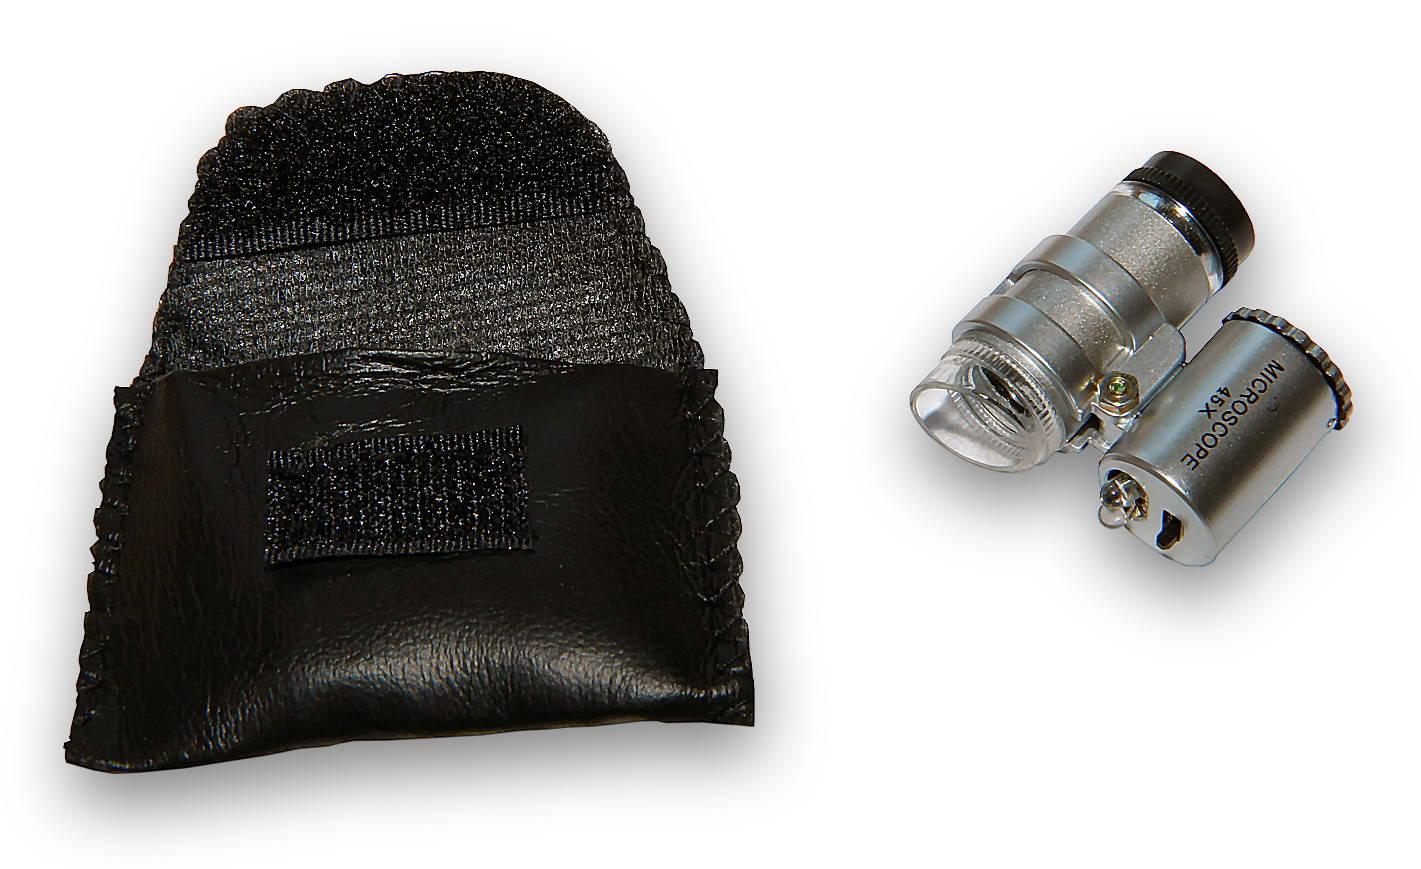 3c6b64570 Vreckové kontaktné miniatúrne mikroskopy so zväčšením 45x